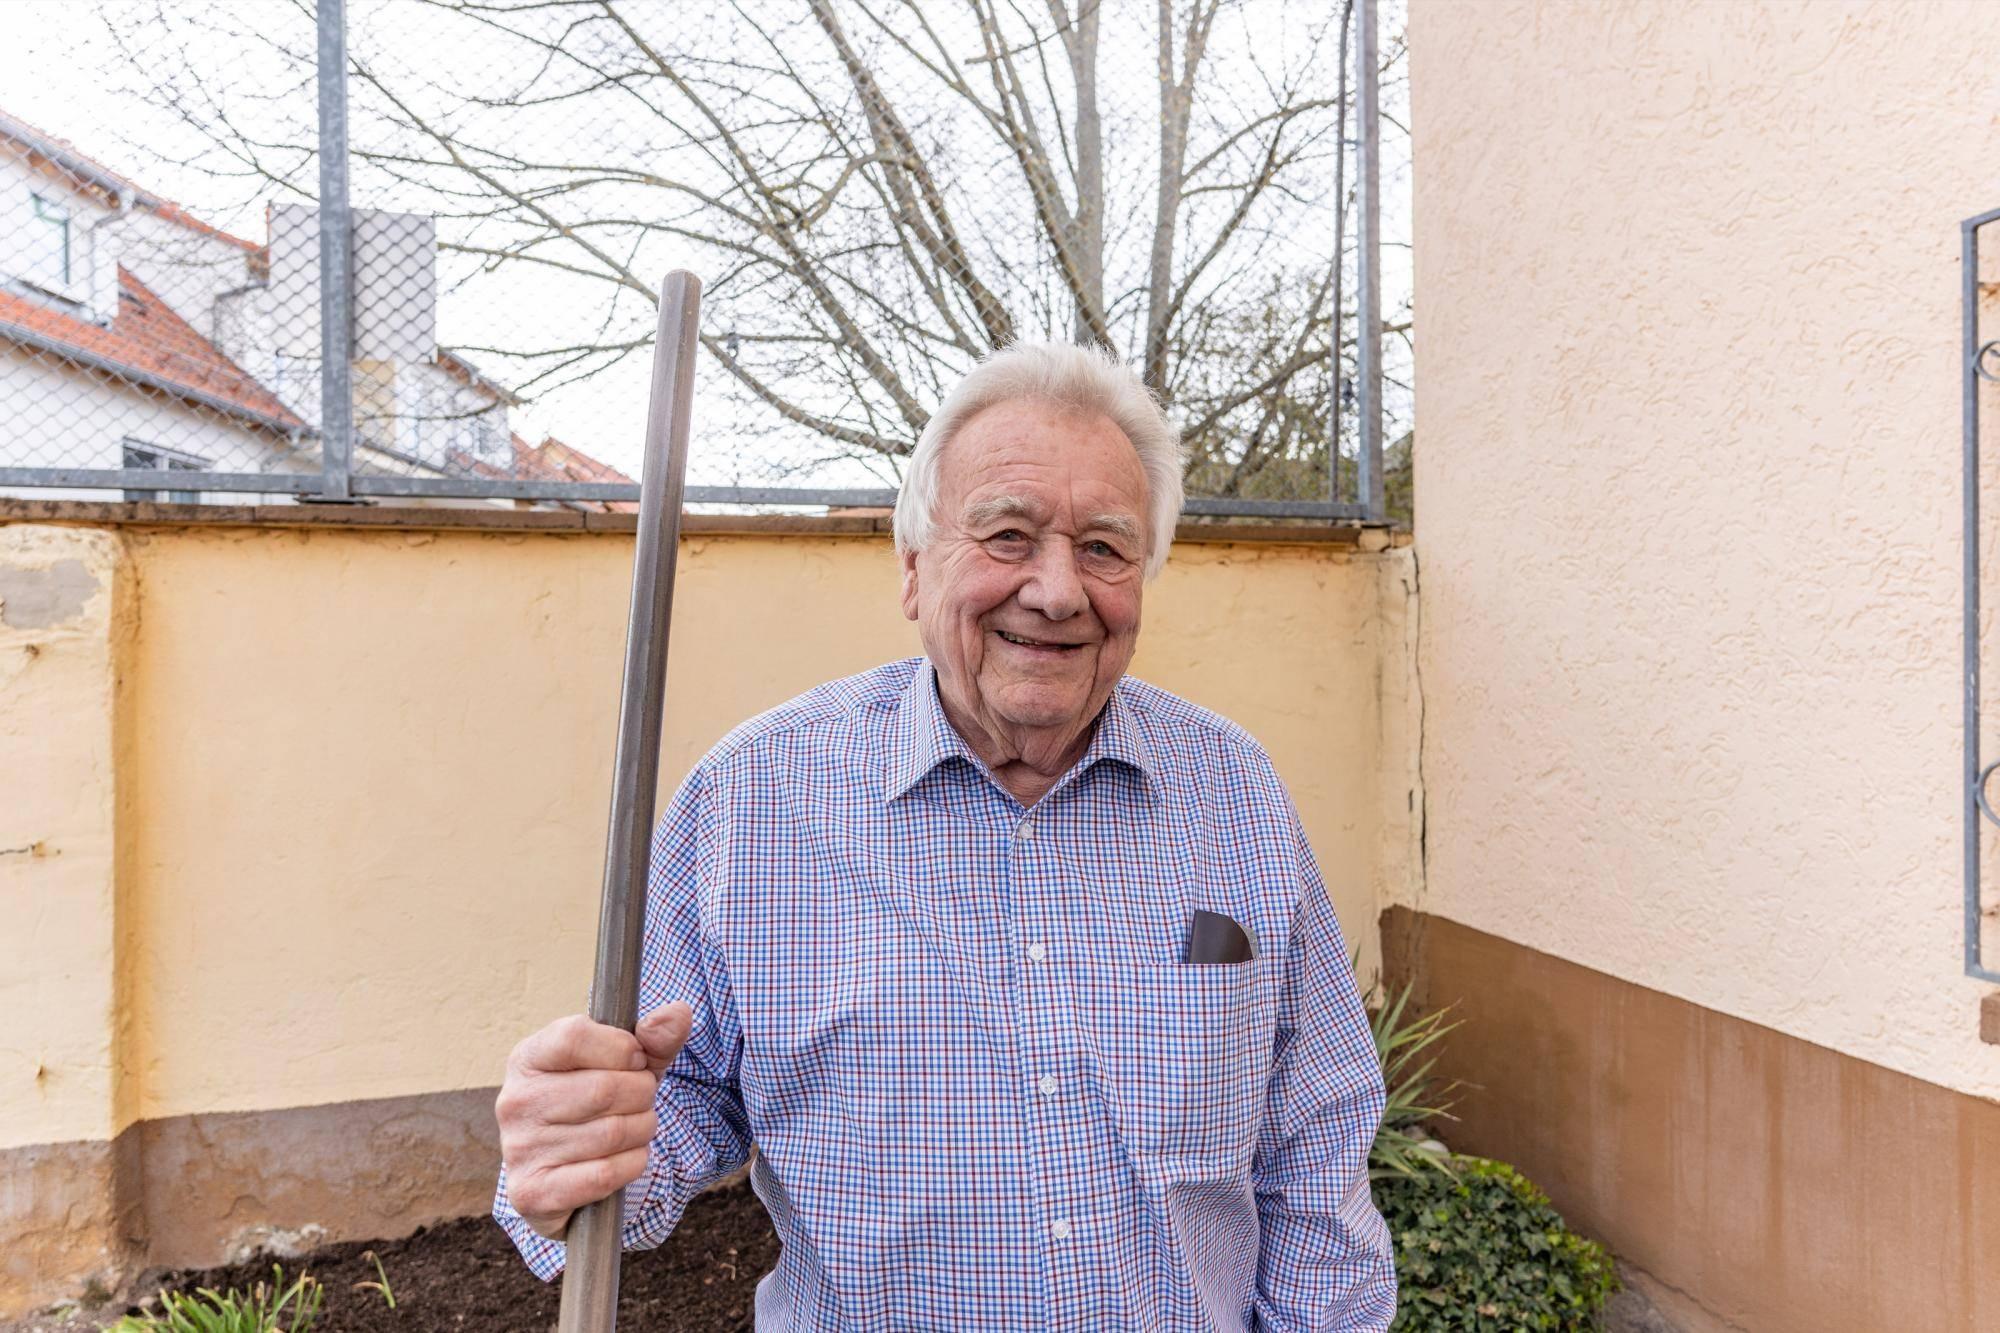 Willi Fischer Verabschiedet Sich Aus Weiterstadter Parlament